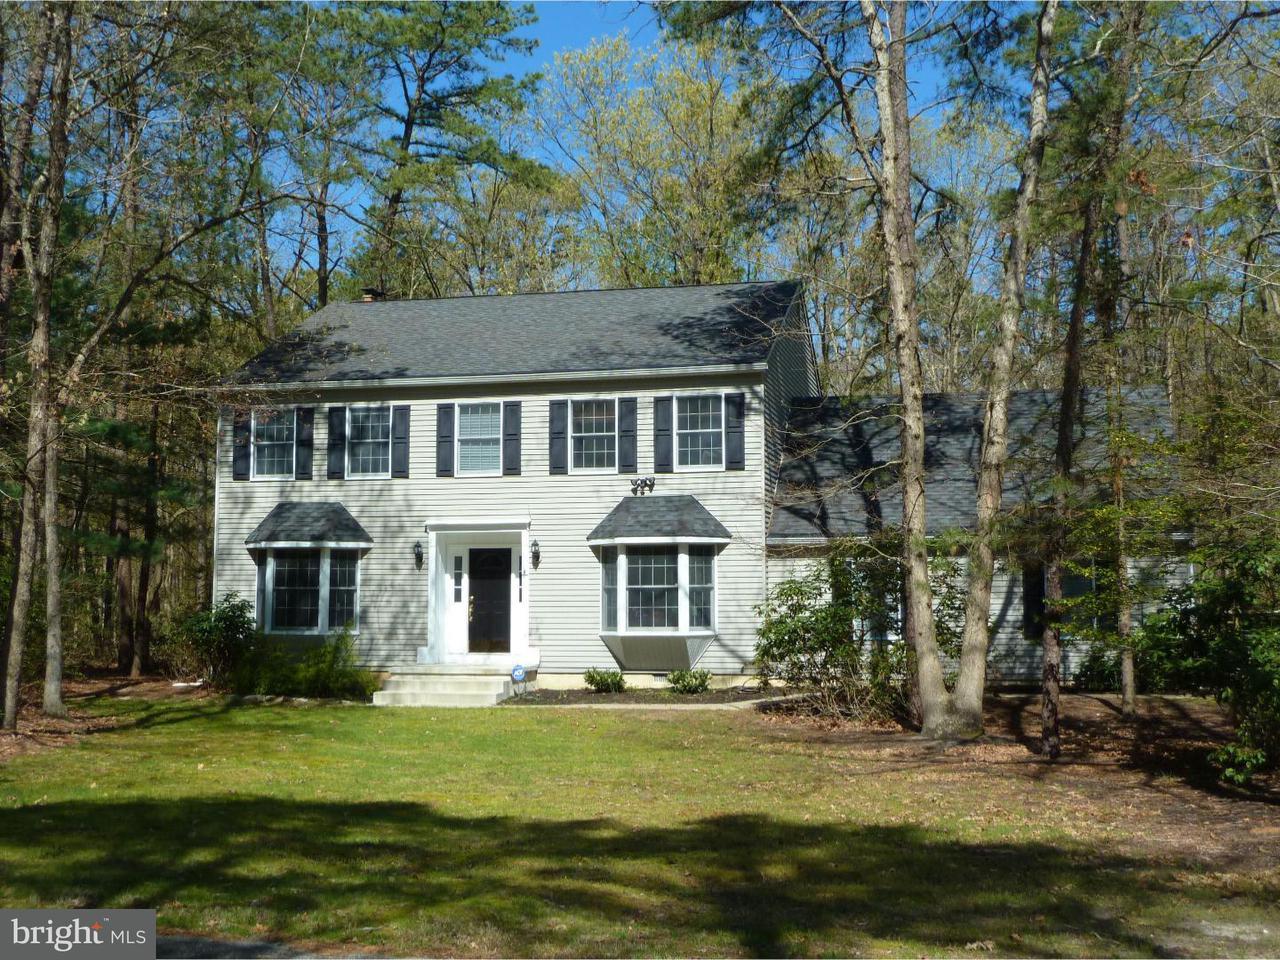 独户住宅 为 出租 在 4 DICKSON Drive Medford, 新泽西州 08055 美国